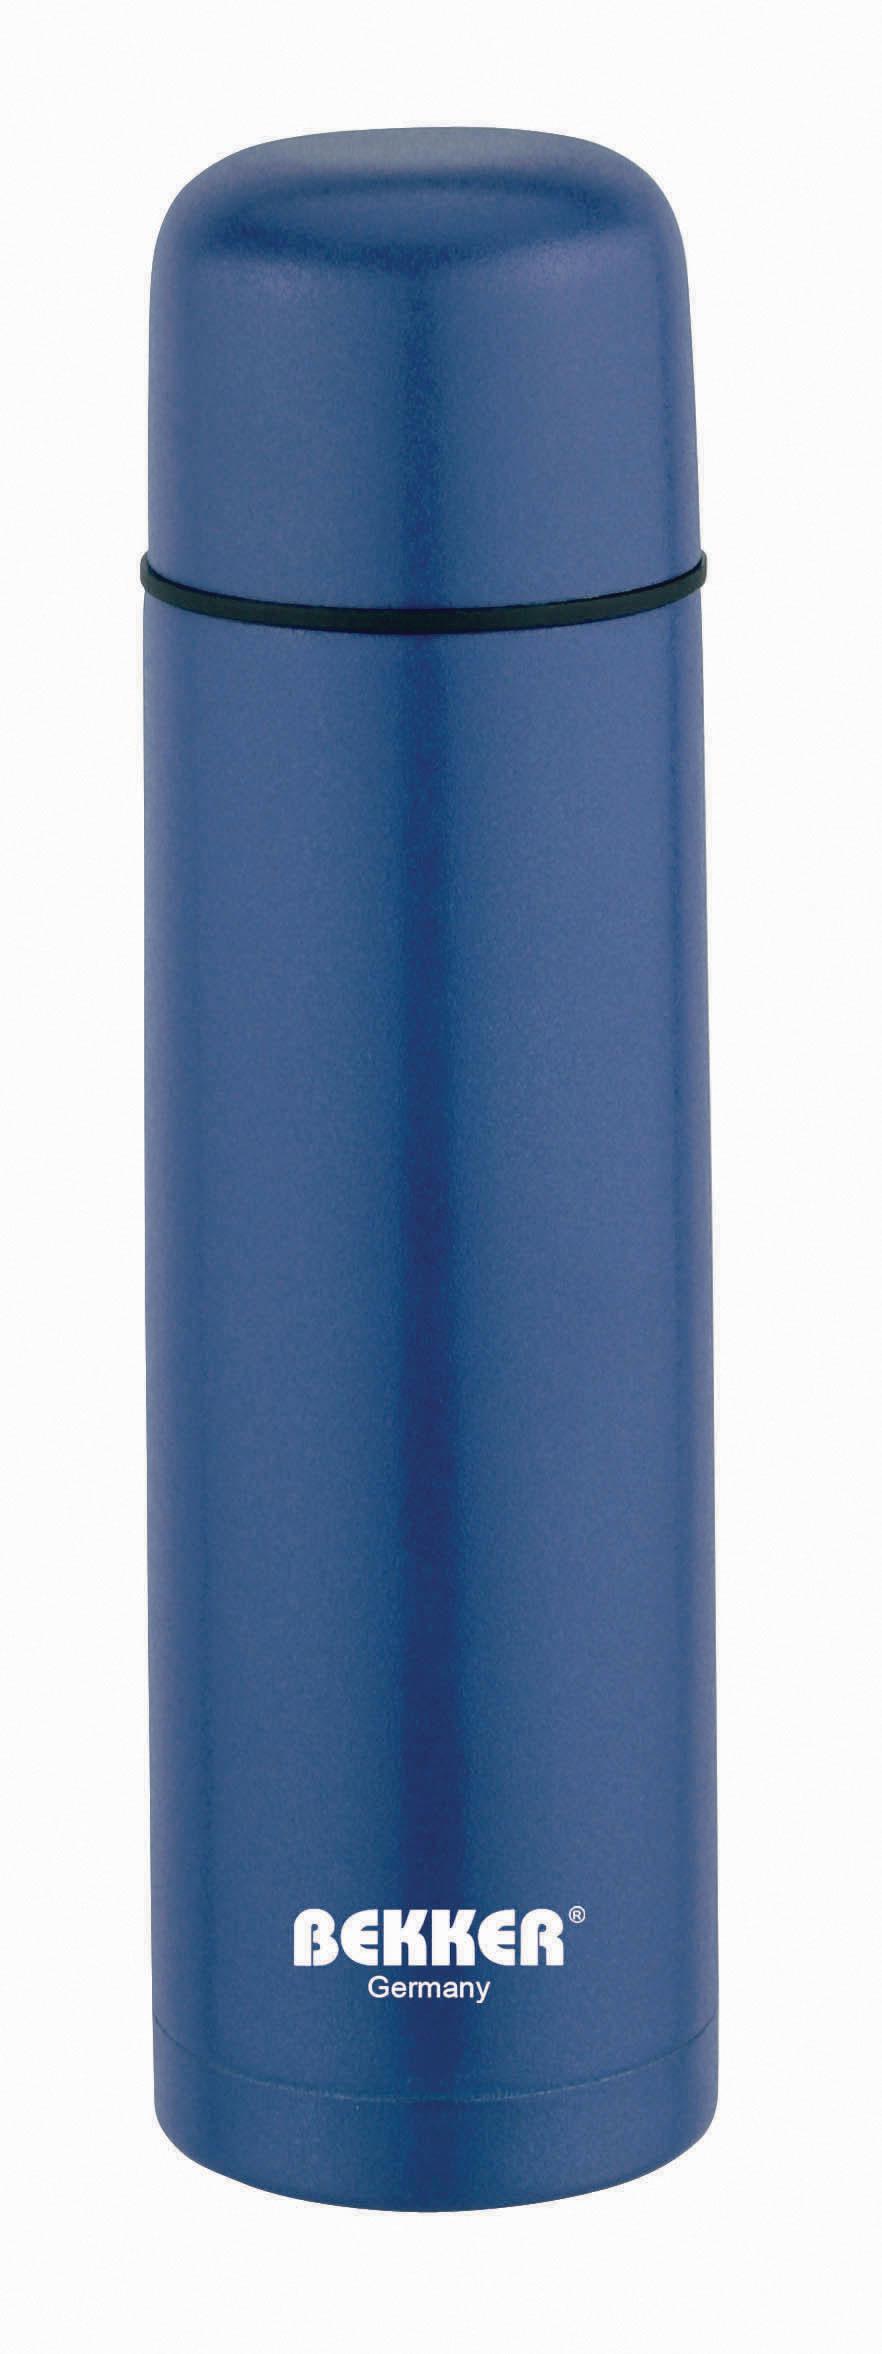 Термос Bekker, 1 л. BK-4038 (30)BK-4038 (30)Термос для горячих и холодных напитков 1л, двойные стенки, вакуумная кнопка, цветное покрытие корпуса. Чехол в комплекте. Состав: нержавеющая сталь 18/8